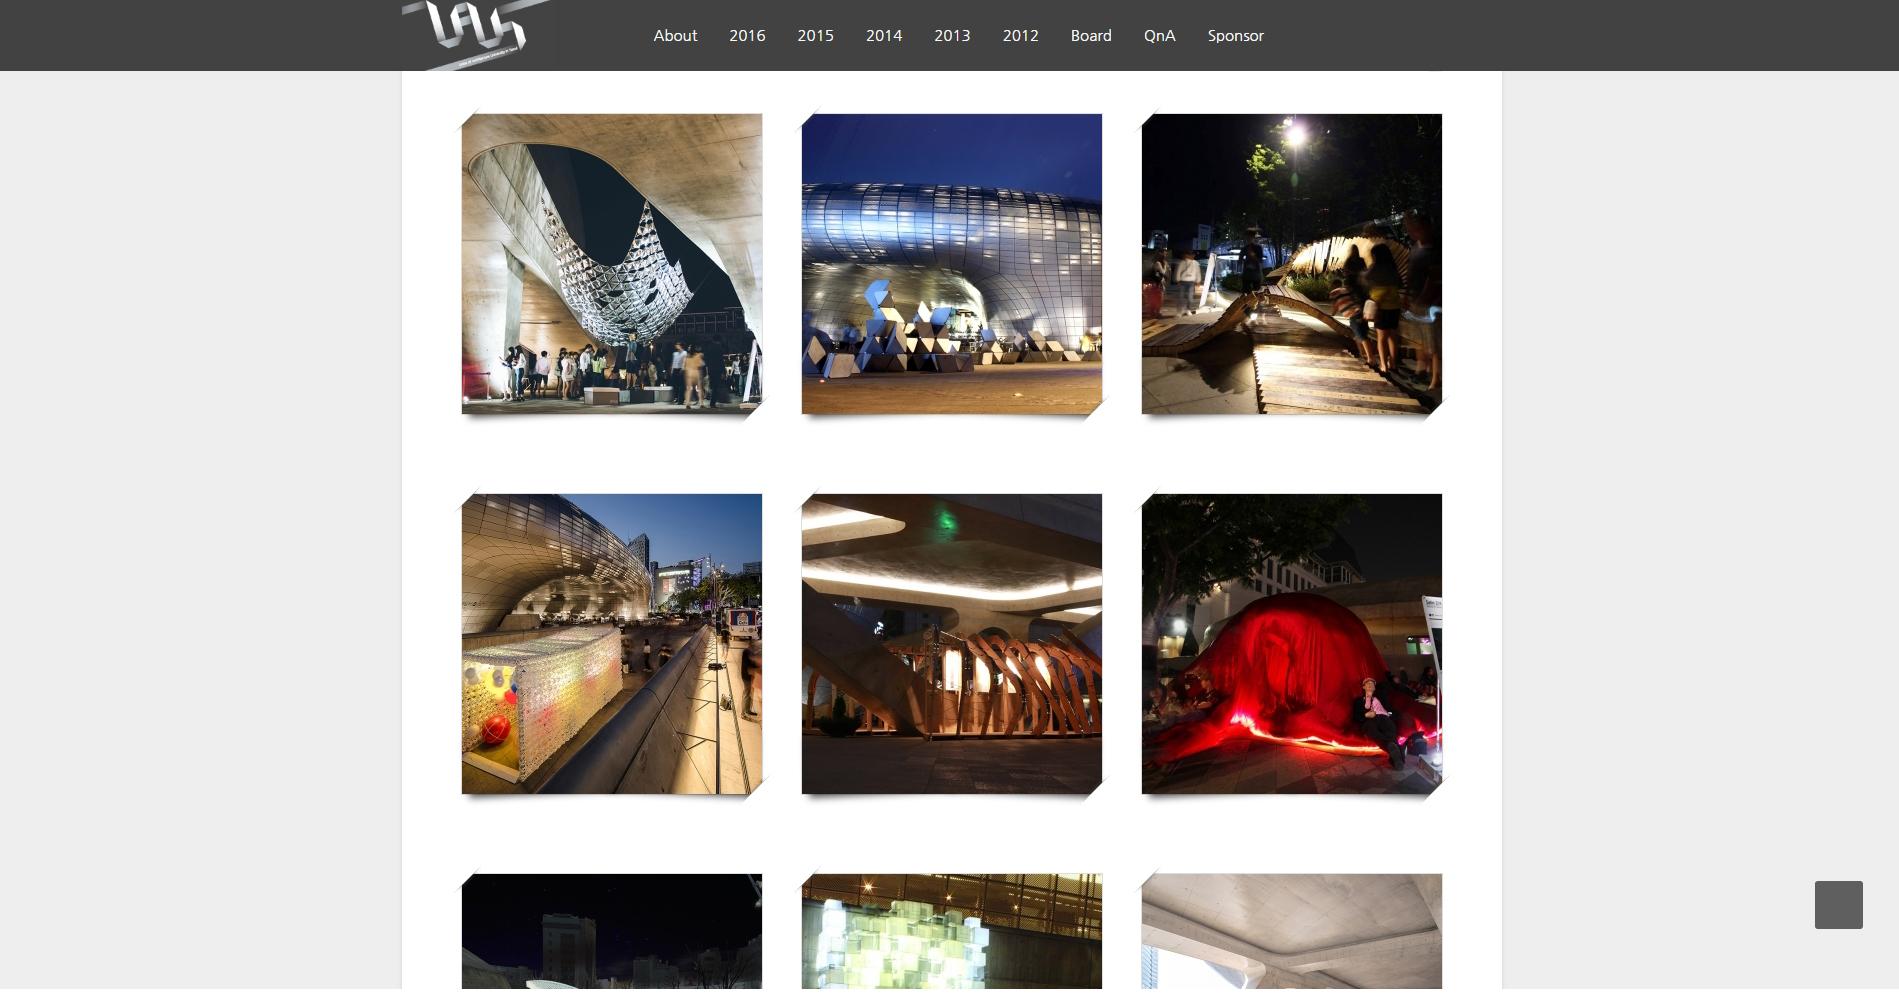 UAUS 홈페이지 속 첫 번째로 보이는 우리 팀 작품